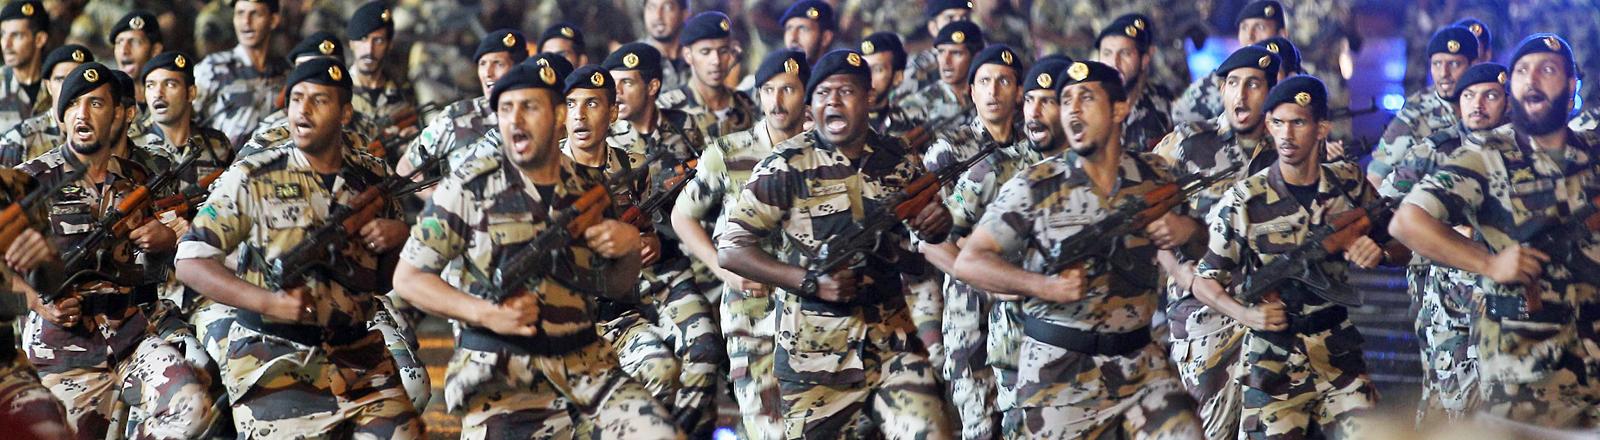 Das Militär von Saudi Arabien auf einer Militärparade im Oktober 2013.